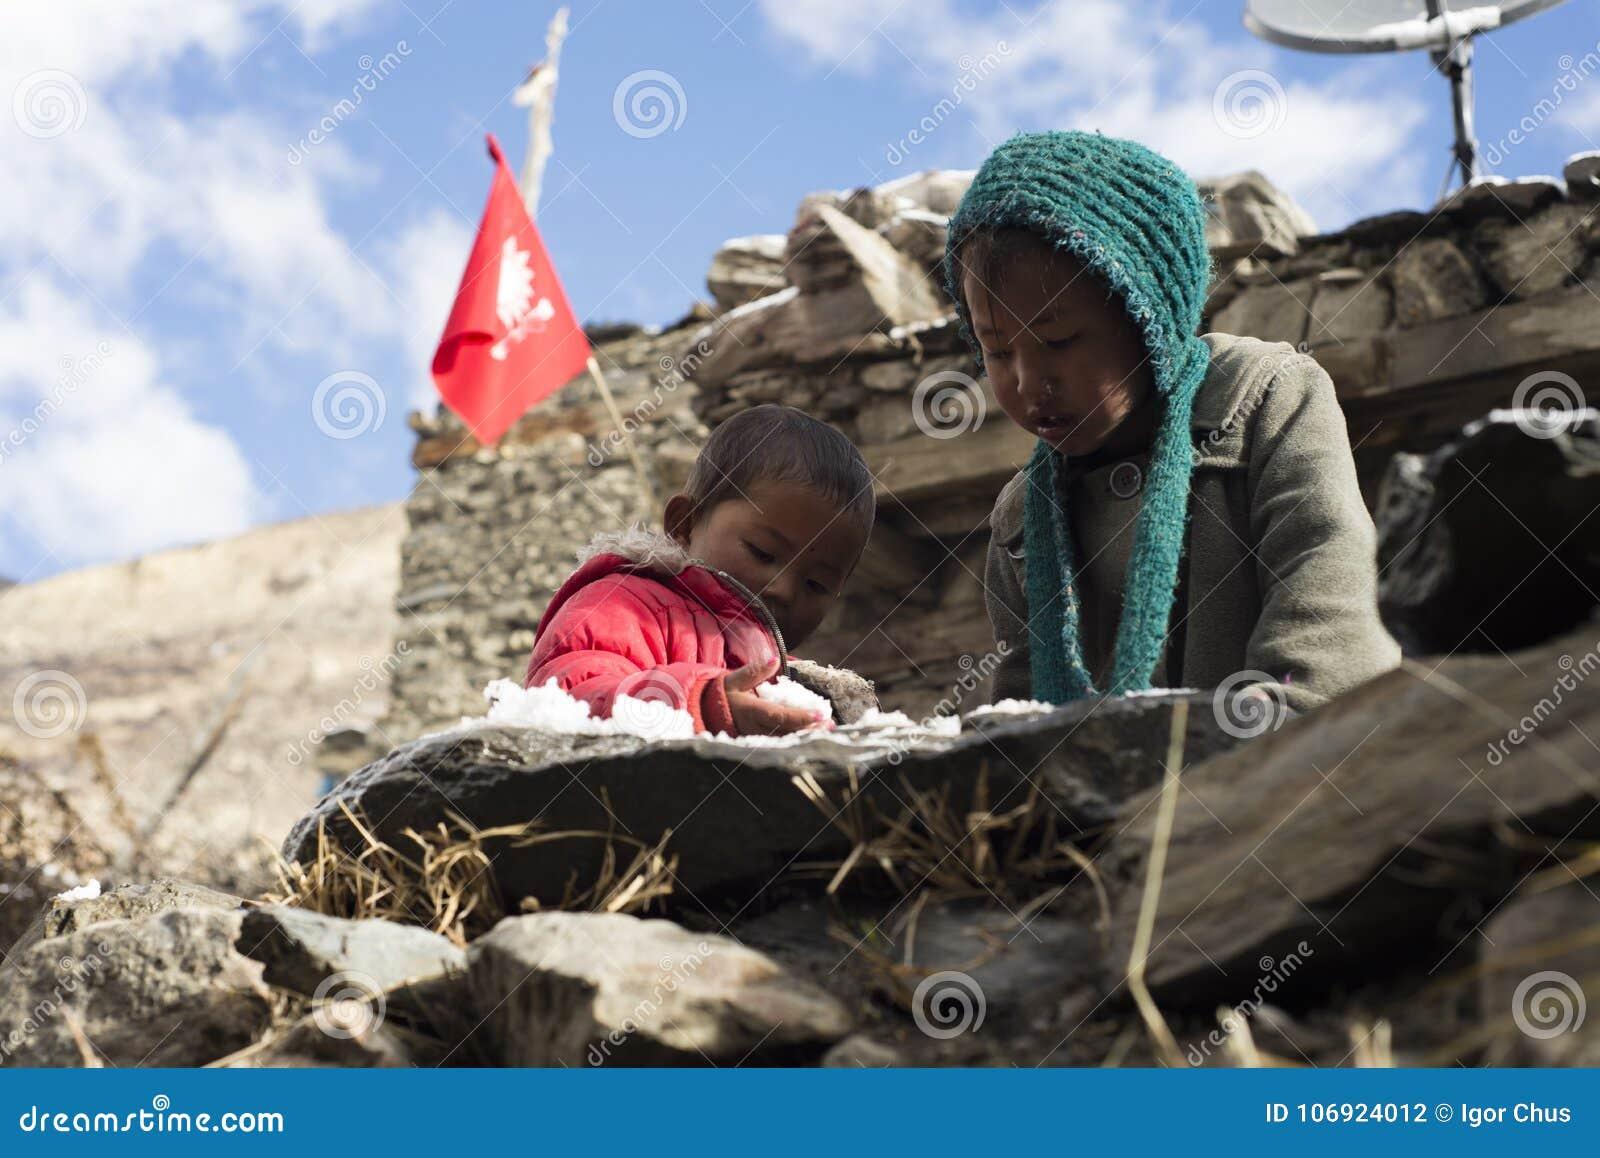 Dzieci Nepal utrzymanie w himalajach, Manang wioska, Nepal Listopad 2017, artykuł wstępny